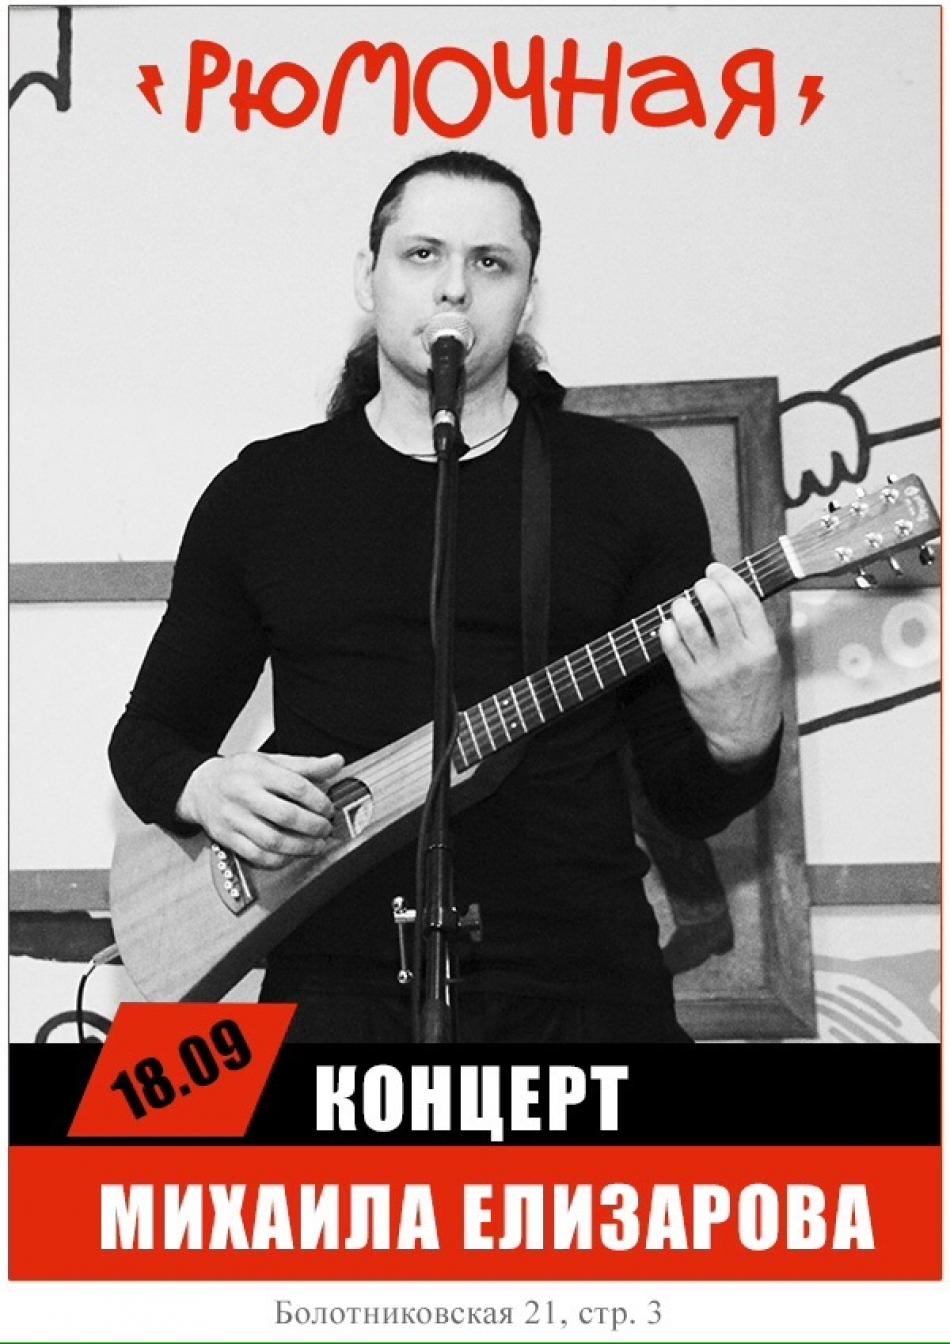 Афиша Михаил Елизаров Рюмочная